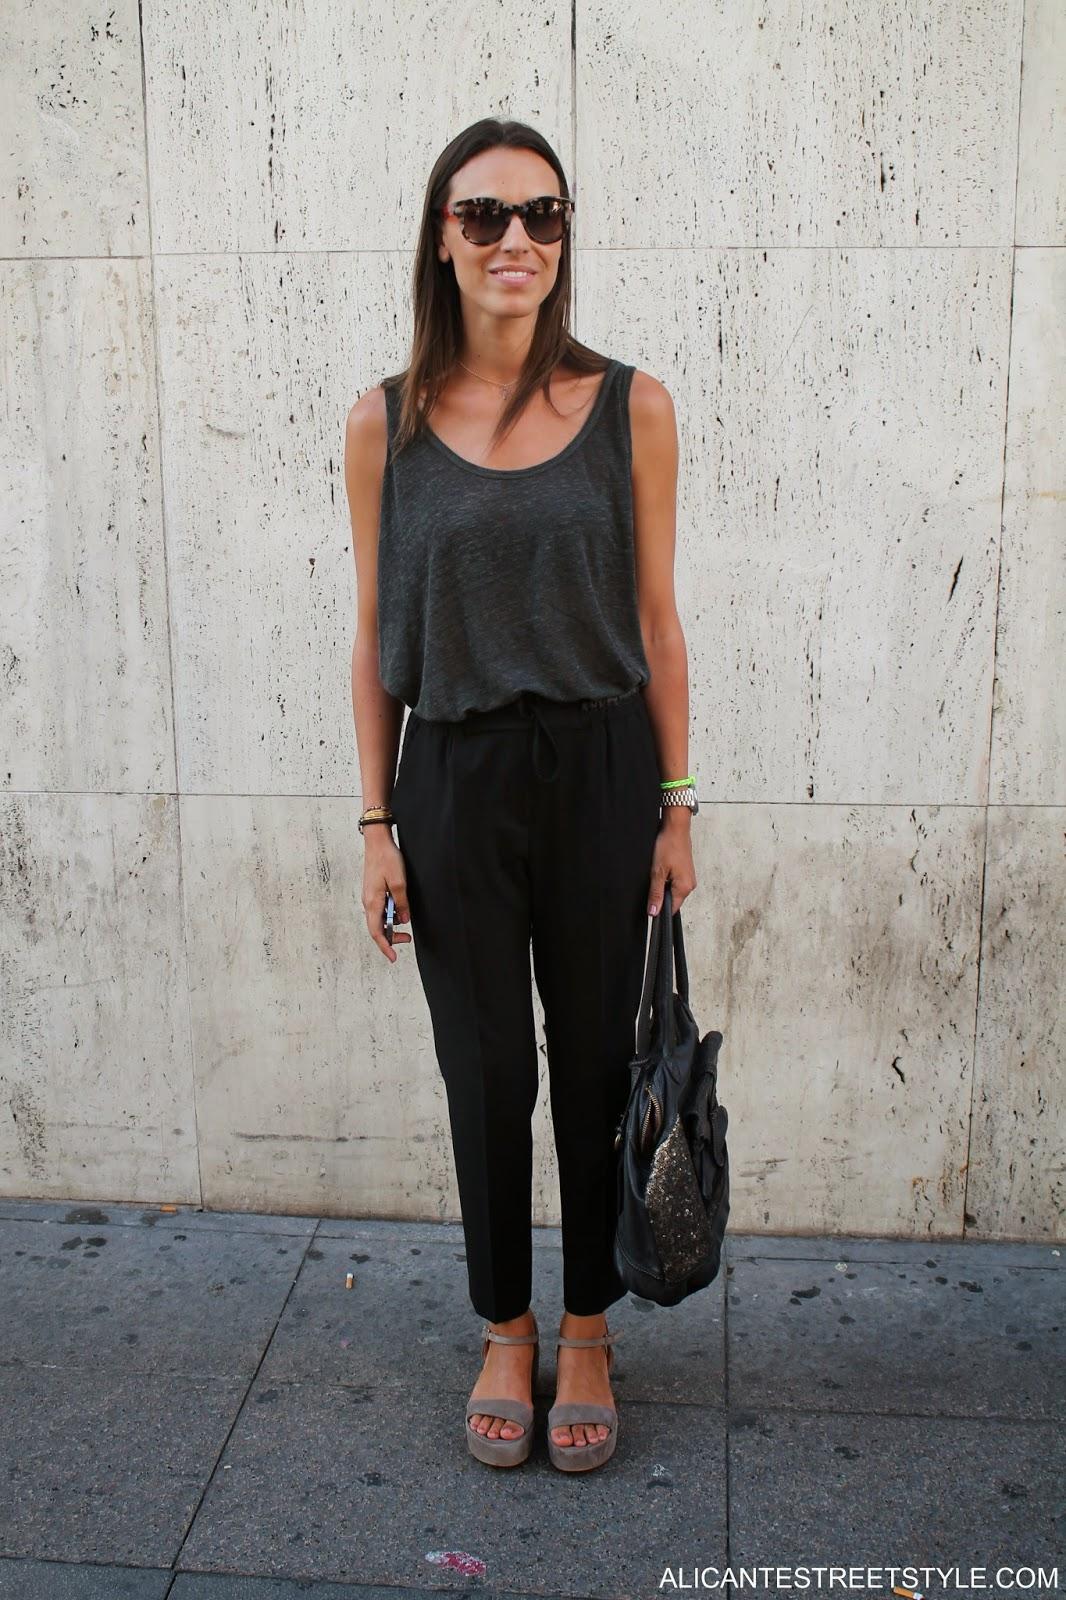 http://www.alicantestreetstyle.com/2014/07/como-llevar-un-tank-top-o-camiseta-de.html